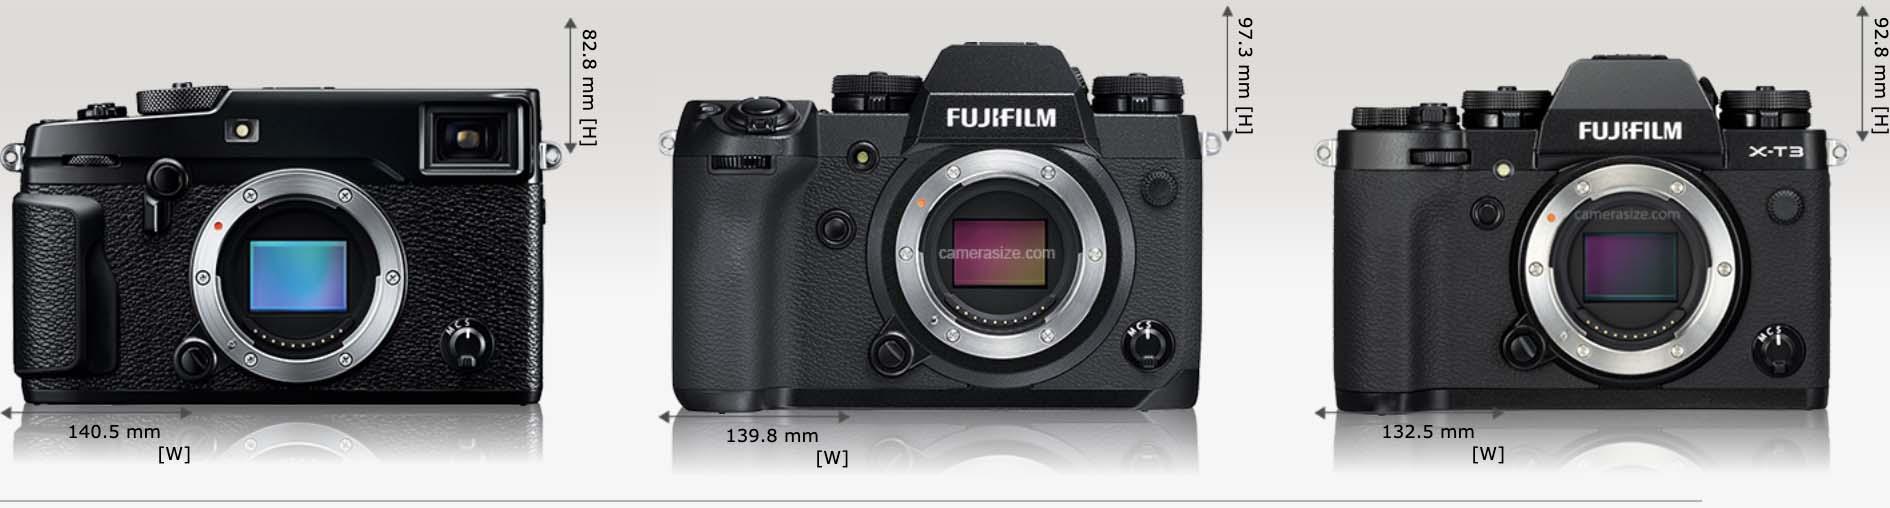 Fujifilm X-T4 IBIS Proof of Concept - Fuji Addict